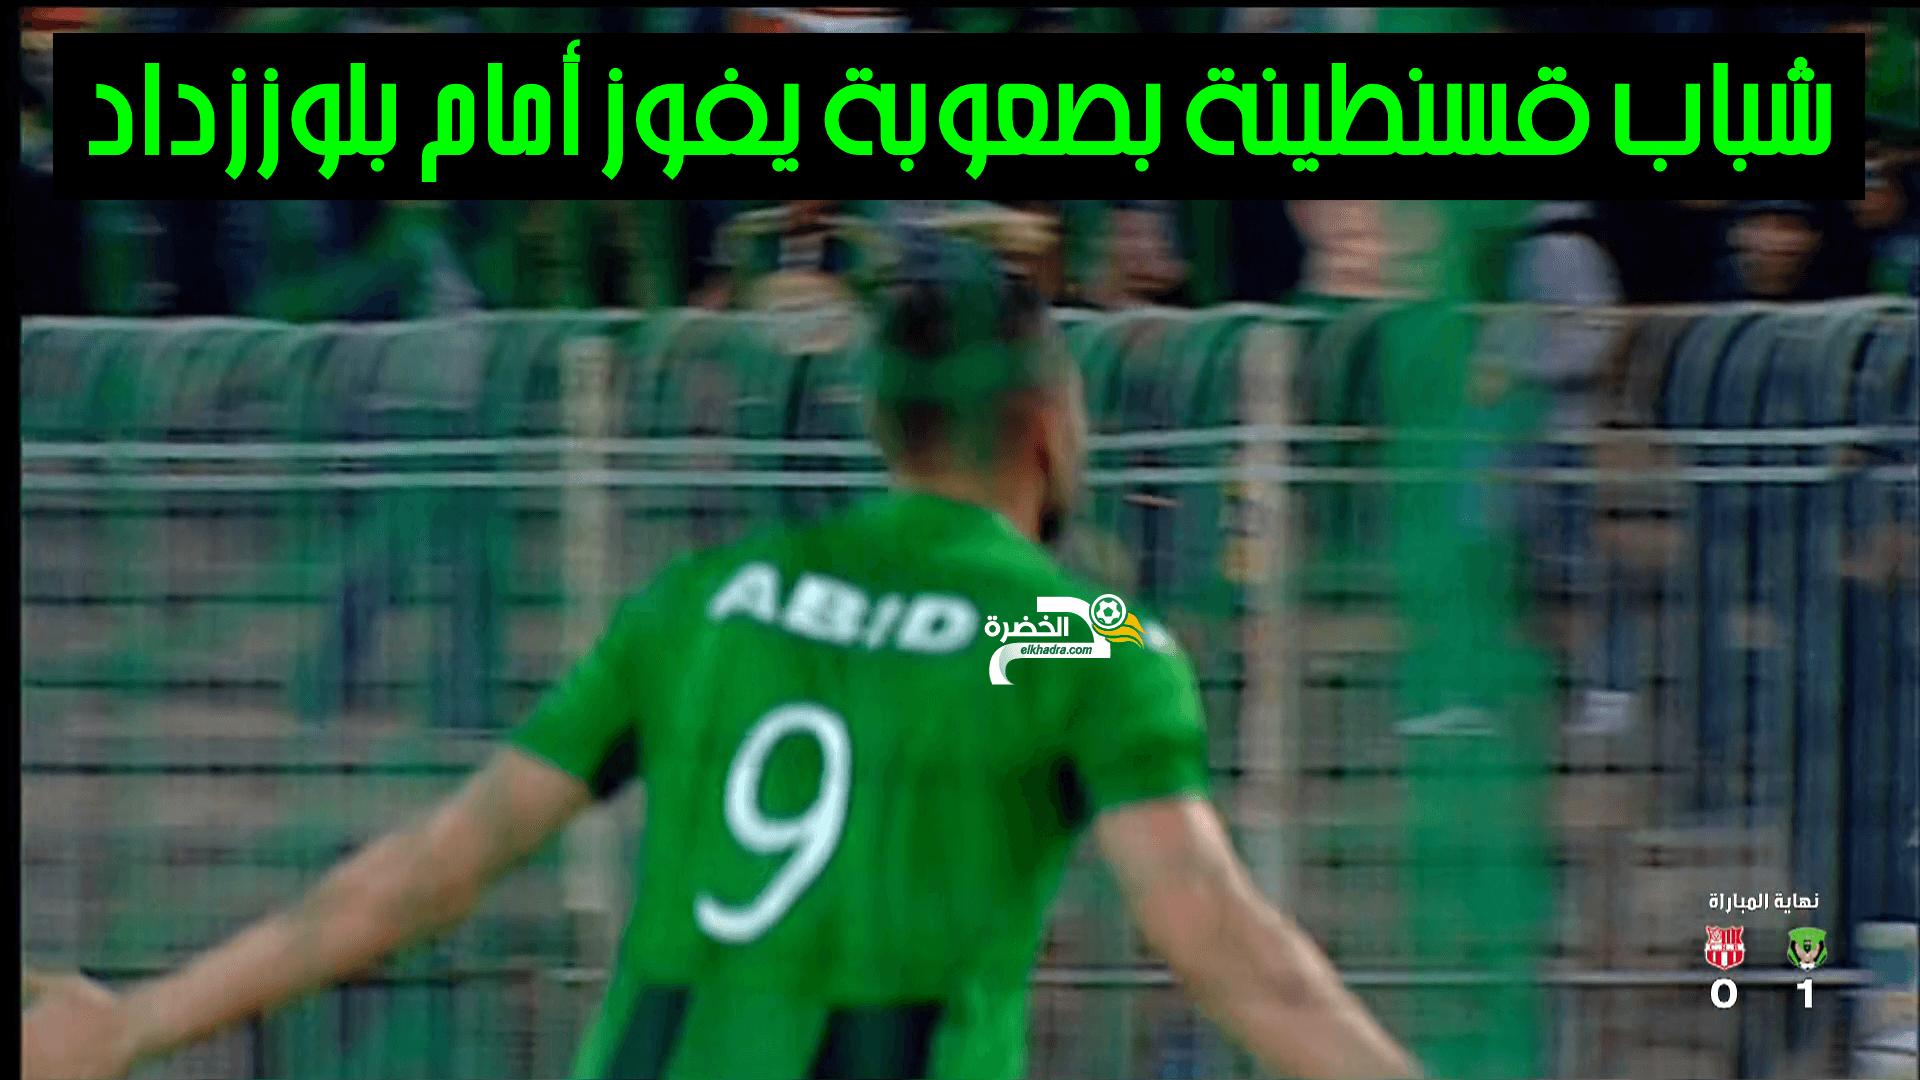 أهداف مباراة شباب قسنطينة ضد شباب بلوزداد CSC 1 VS 0 CRB 24